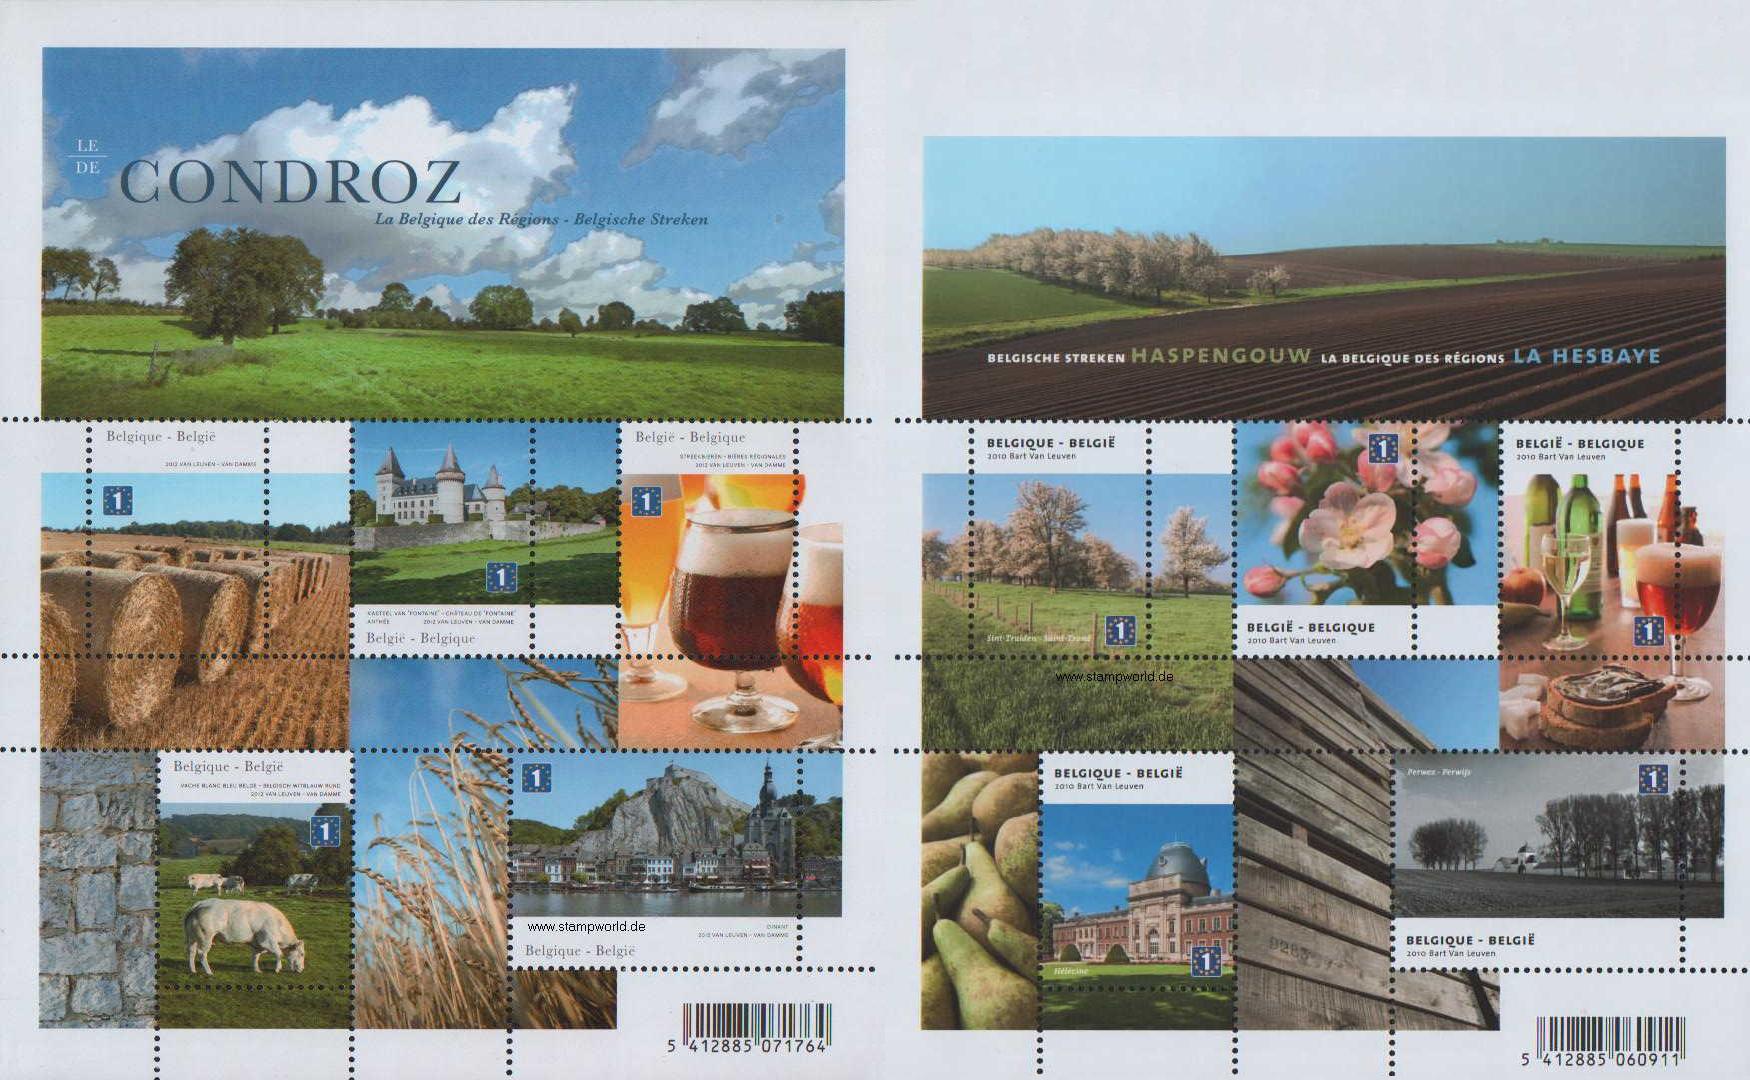 Dwa bloki promujące naturalne regiony Belgii: Condroz iHesbaye. Belgia, 2012. (źródło:stampworld.de)